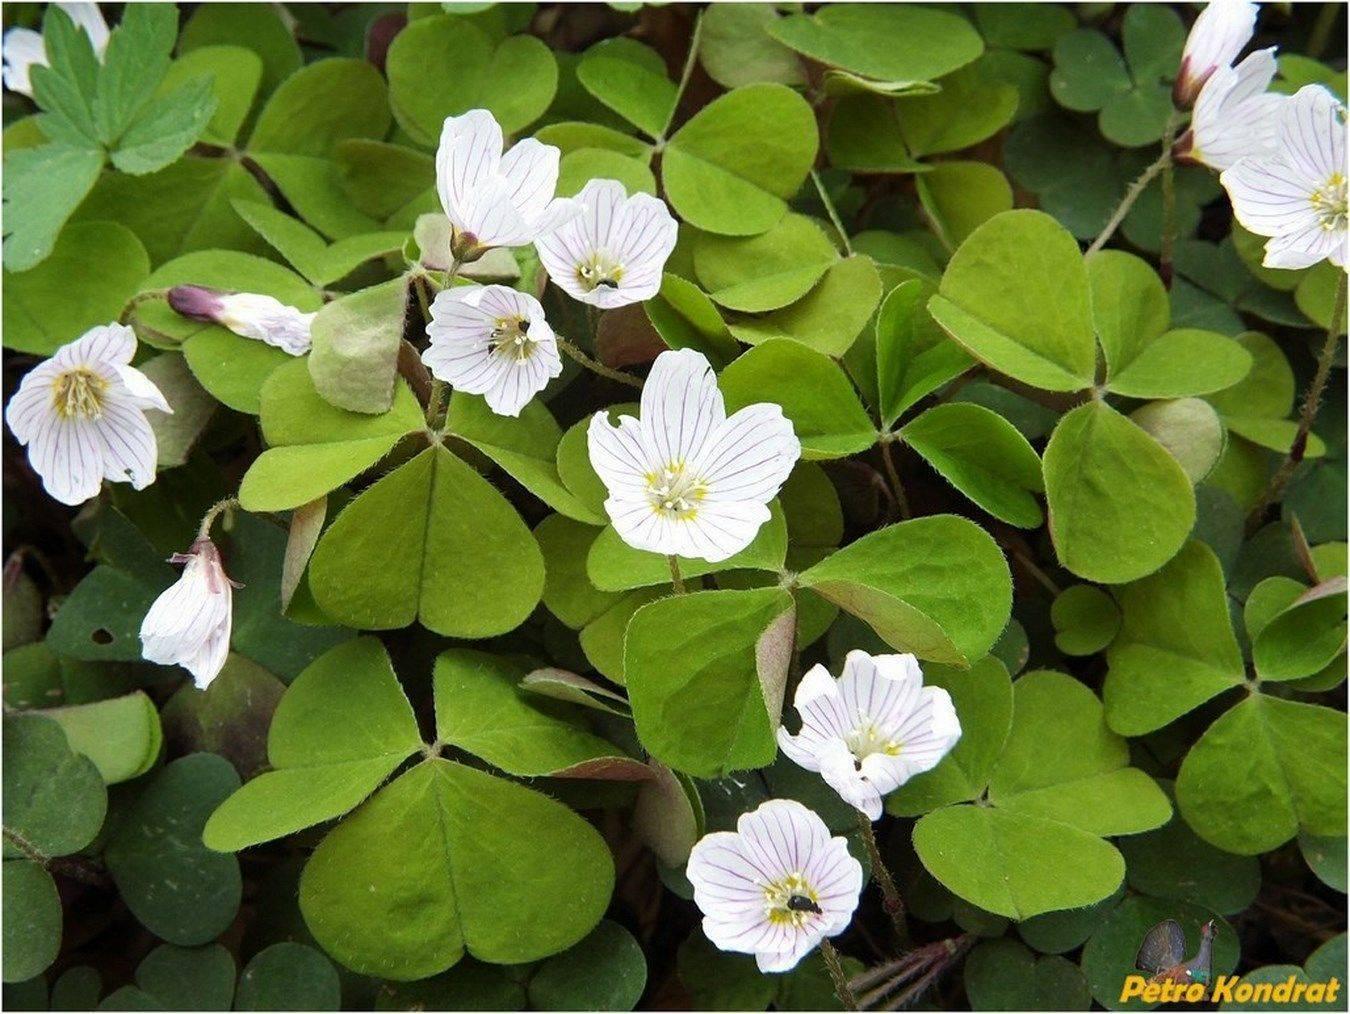 Описание кислицы обыкновенной: как выглядит oxalis adenophylla полевая и лесная